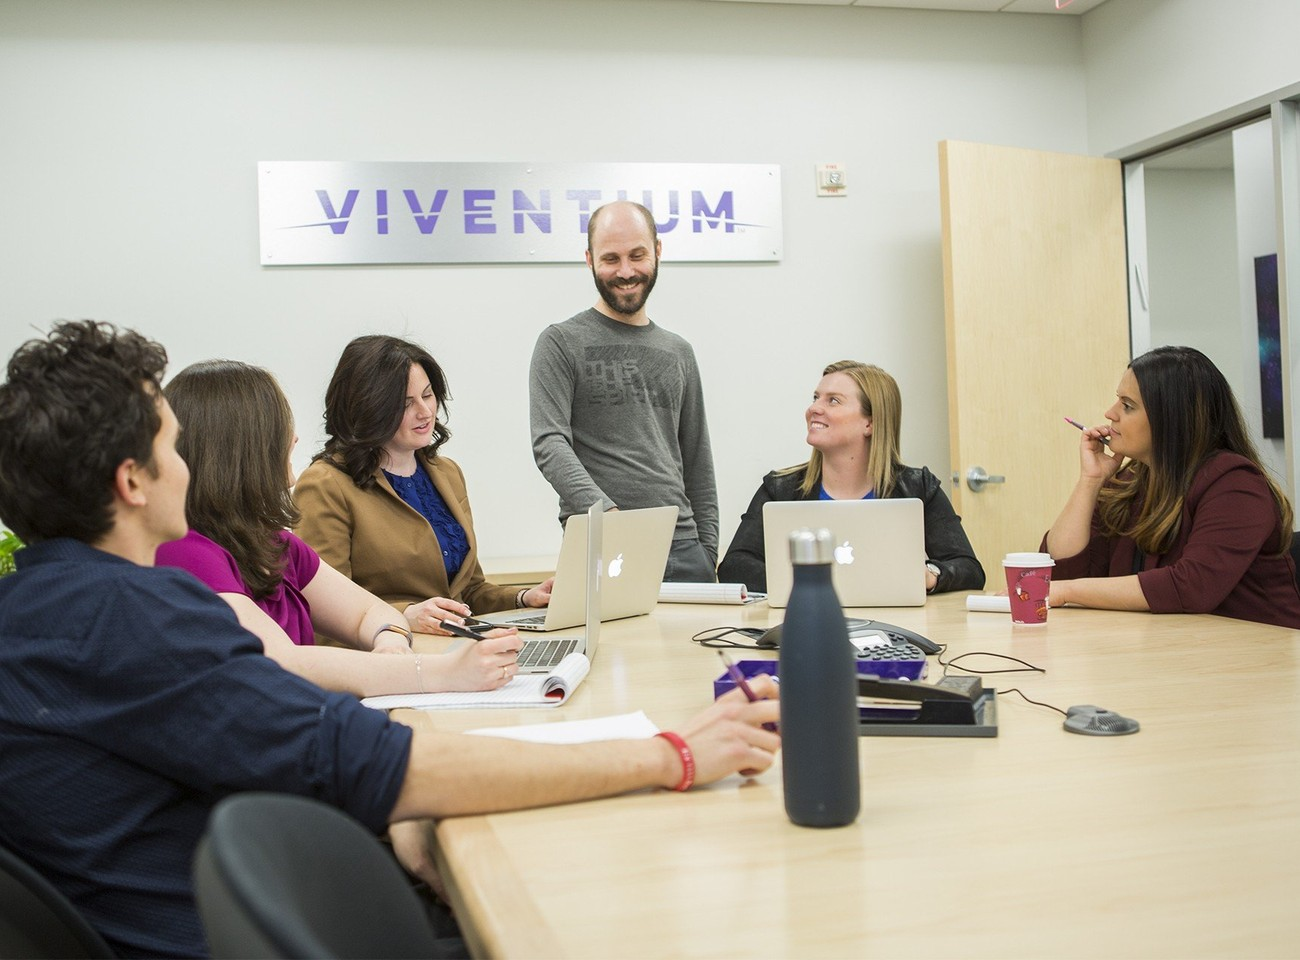 Viventium Careers